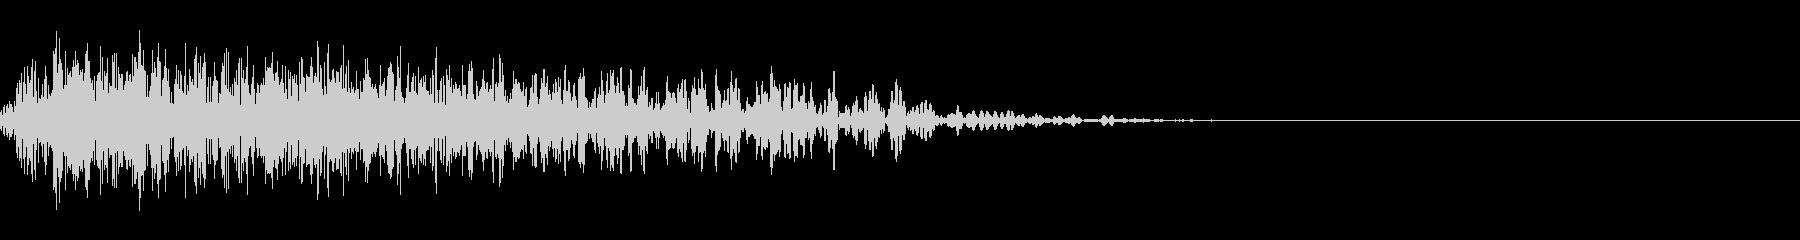 モンスターの鳴き声01の未再生の波形